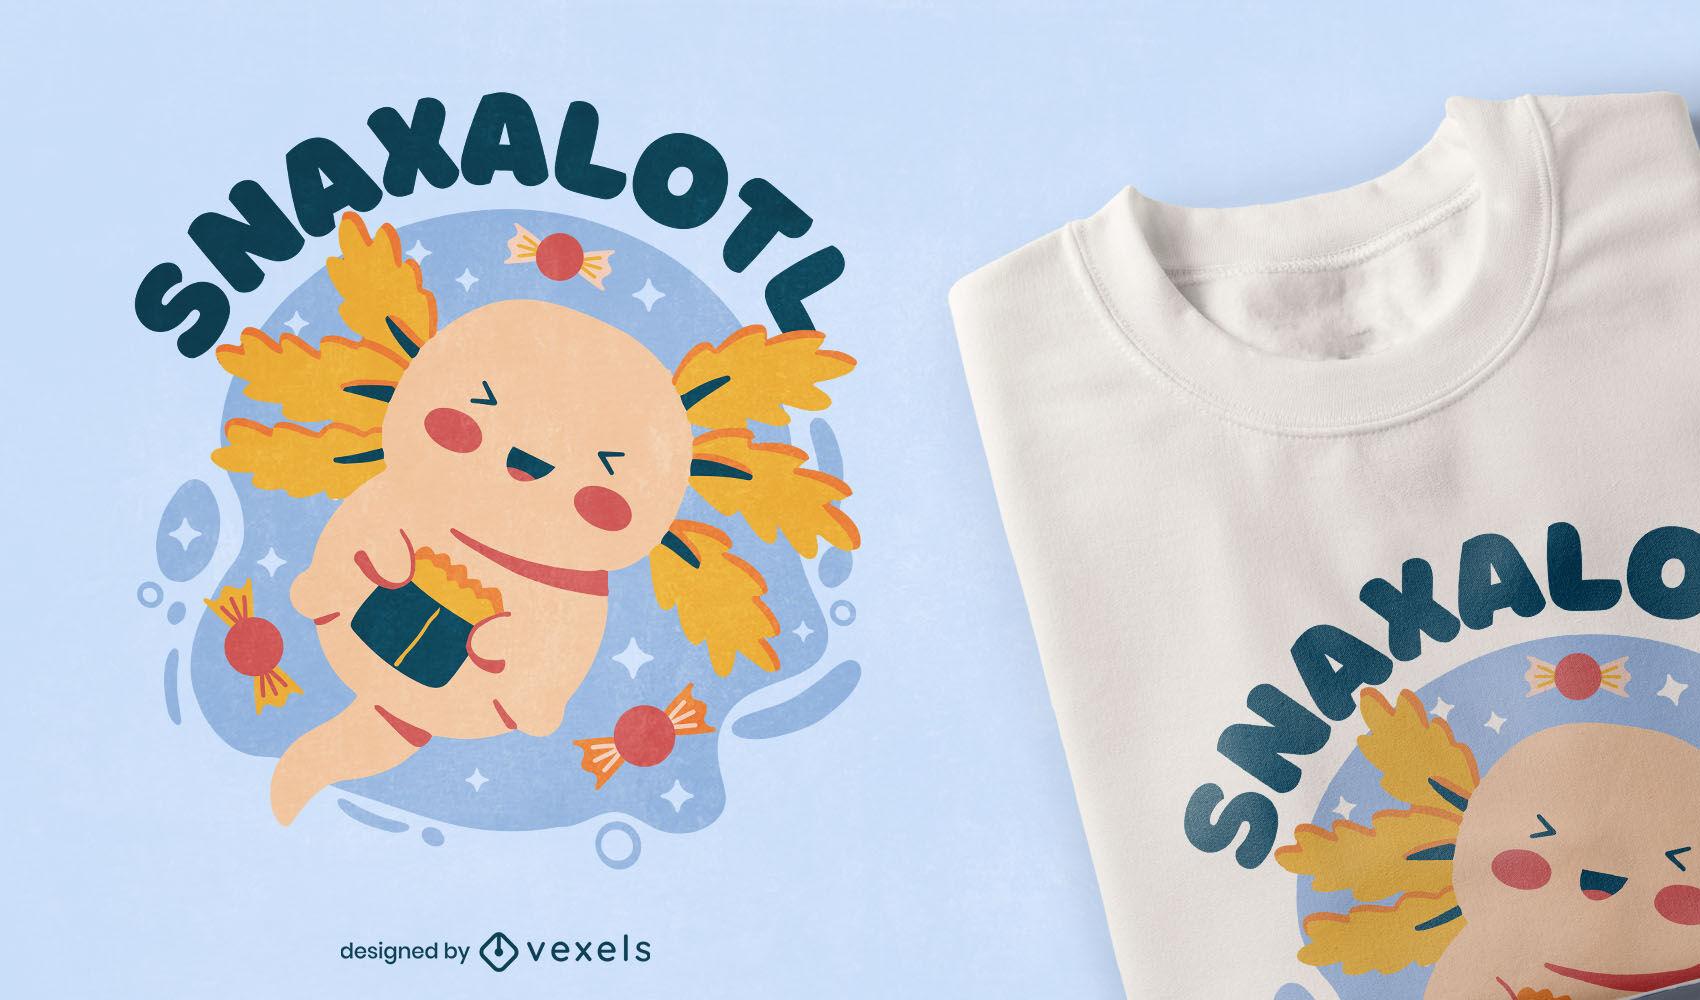 Comendo um lindo design de camiseta axolotl